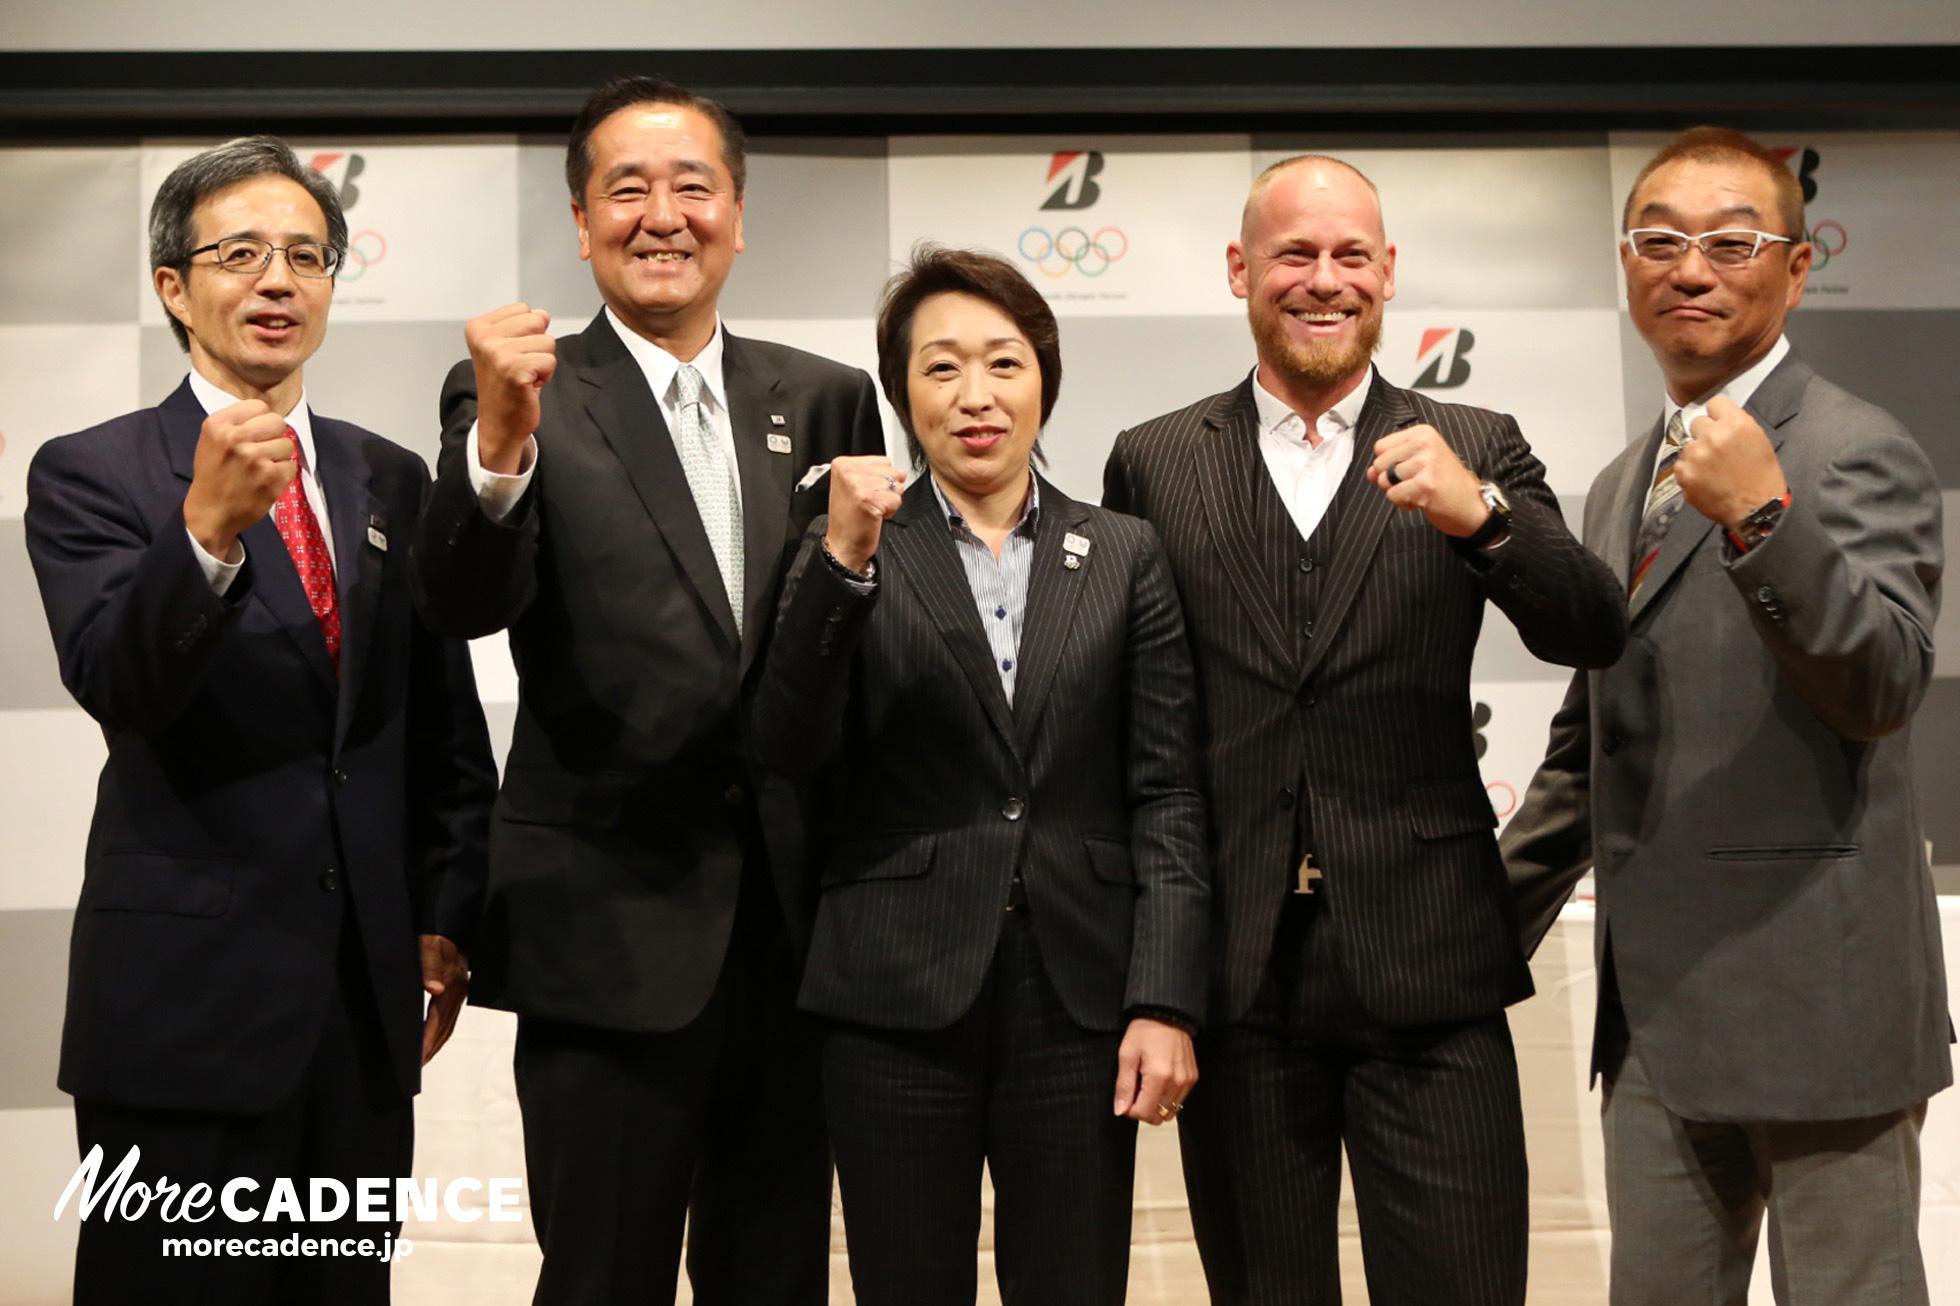 ブリヂストン東京2020日本代表チーム自転車トラック競技短距離オフィシャルサプライヤー